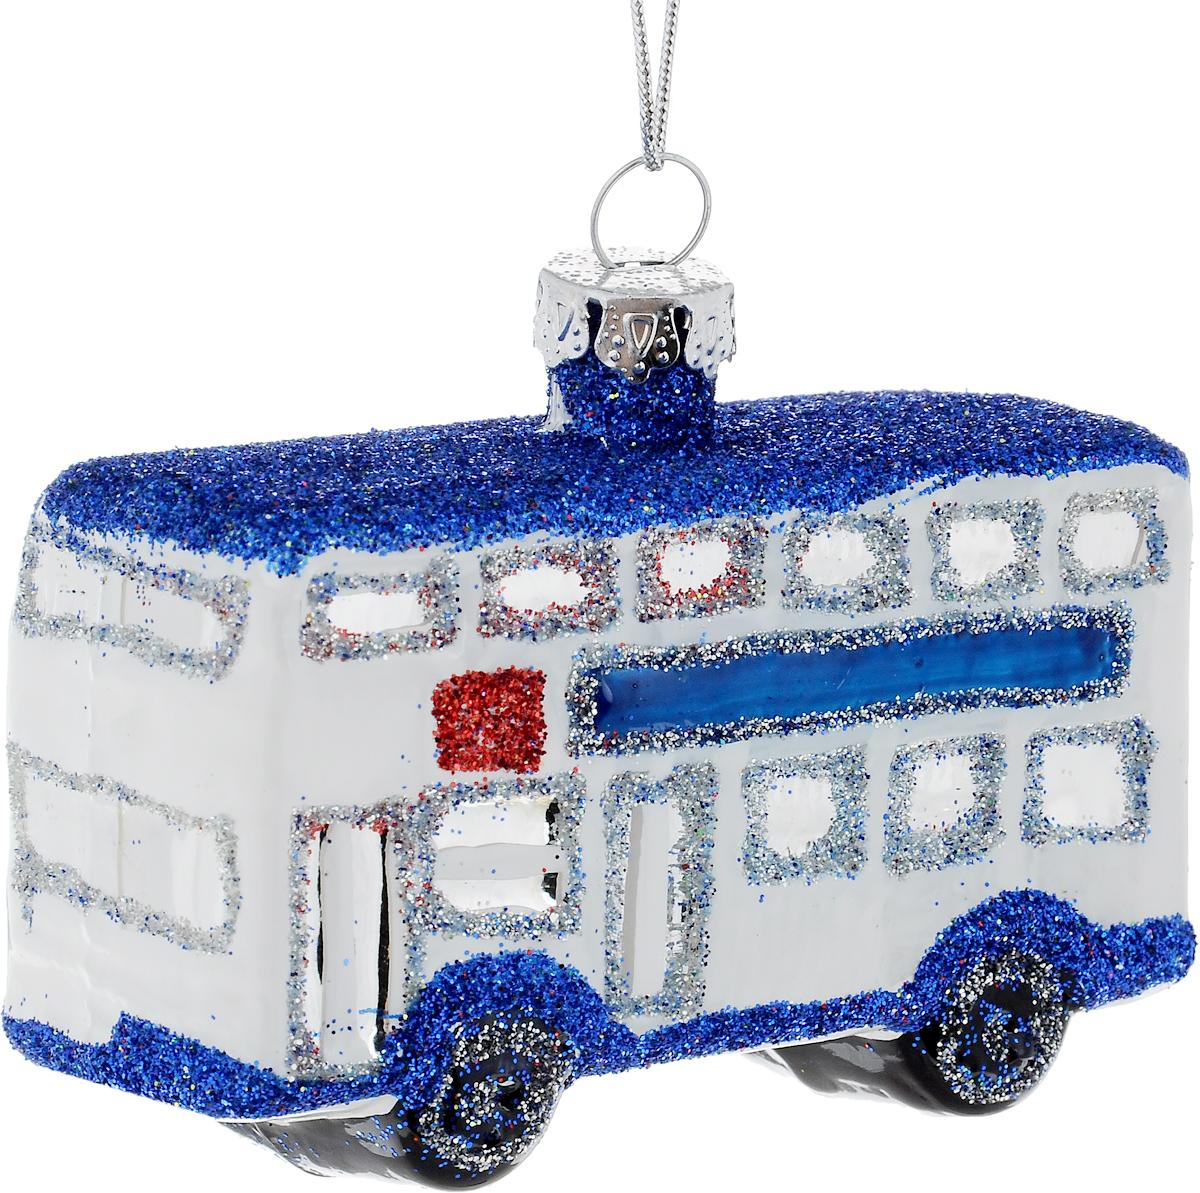 Украшение новогоднее подвесное Winter Wings Автобус, длина 8 смN079058Новогоднее подвесное украшение Winter Wings Автобус выполнено из стекла в виде автобуса и украшено блестками. С помощью специальной петельки украшение можно повесить в любом понравившемся вам месте. Но, конечно, удачнее всего оно будет смотреться на праздничной елке.Елочная игрушка - символ Нового года. Она несет в себе волшебство и красоту праздника. Создайте в своем доме атмосферу веселья и радости, украшая новогоднюю елку нарядными игрушками, которые будут из года в год накапливать теплоту воспоминаний.